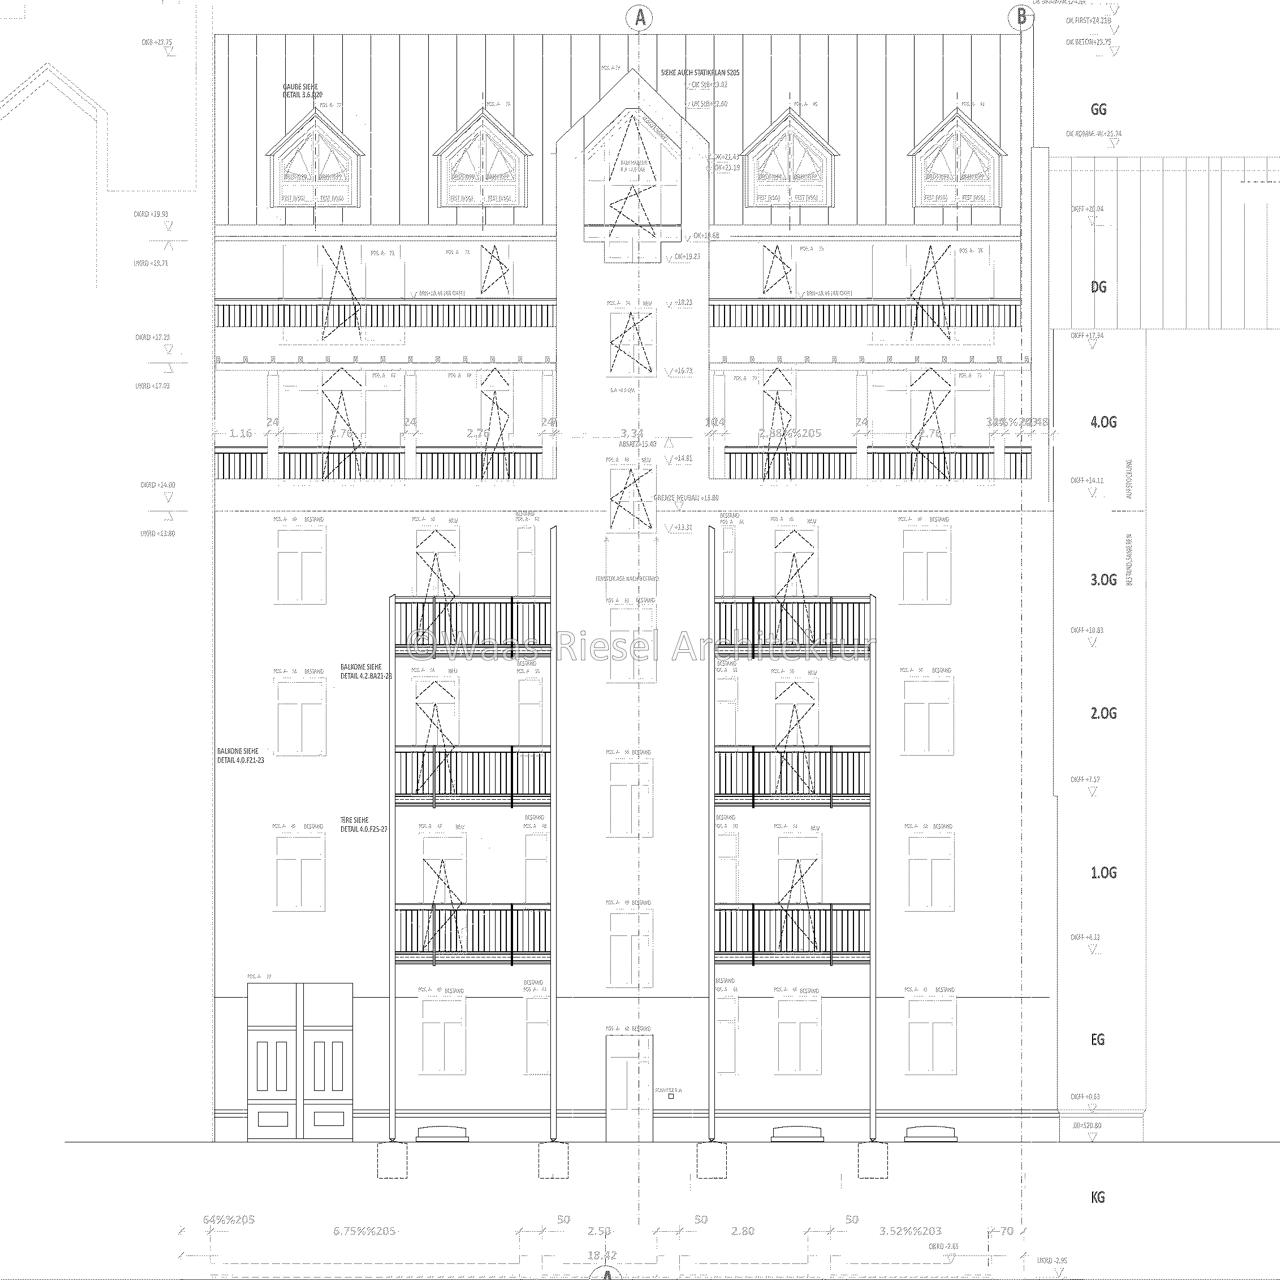 Plan Hoffassade denkmalgeschütztes Wohngebäude